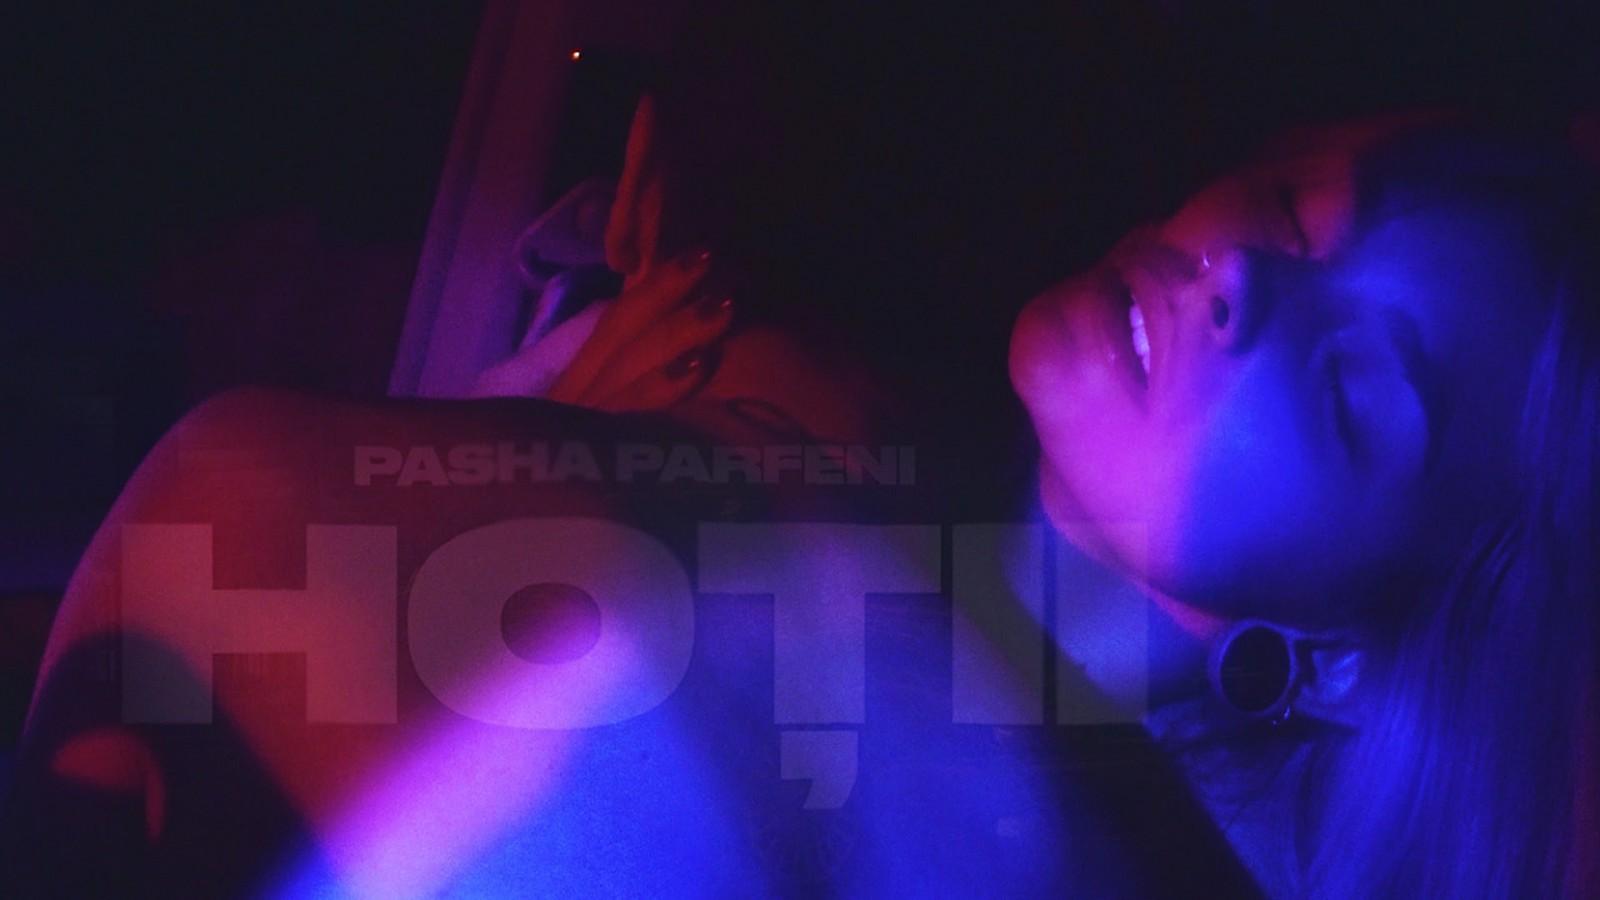 """(video) Pasha Parfeni și-a lansat un videoclip la piesa """"Hoții"""": """"Cele mai interesante lucruri se întâmplă atunci când nu ne așteptăm"""""""